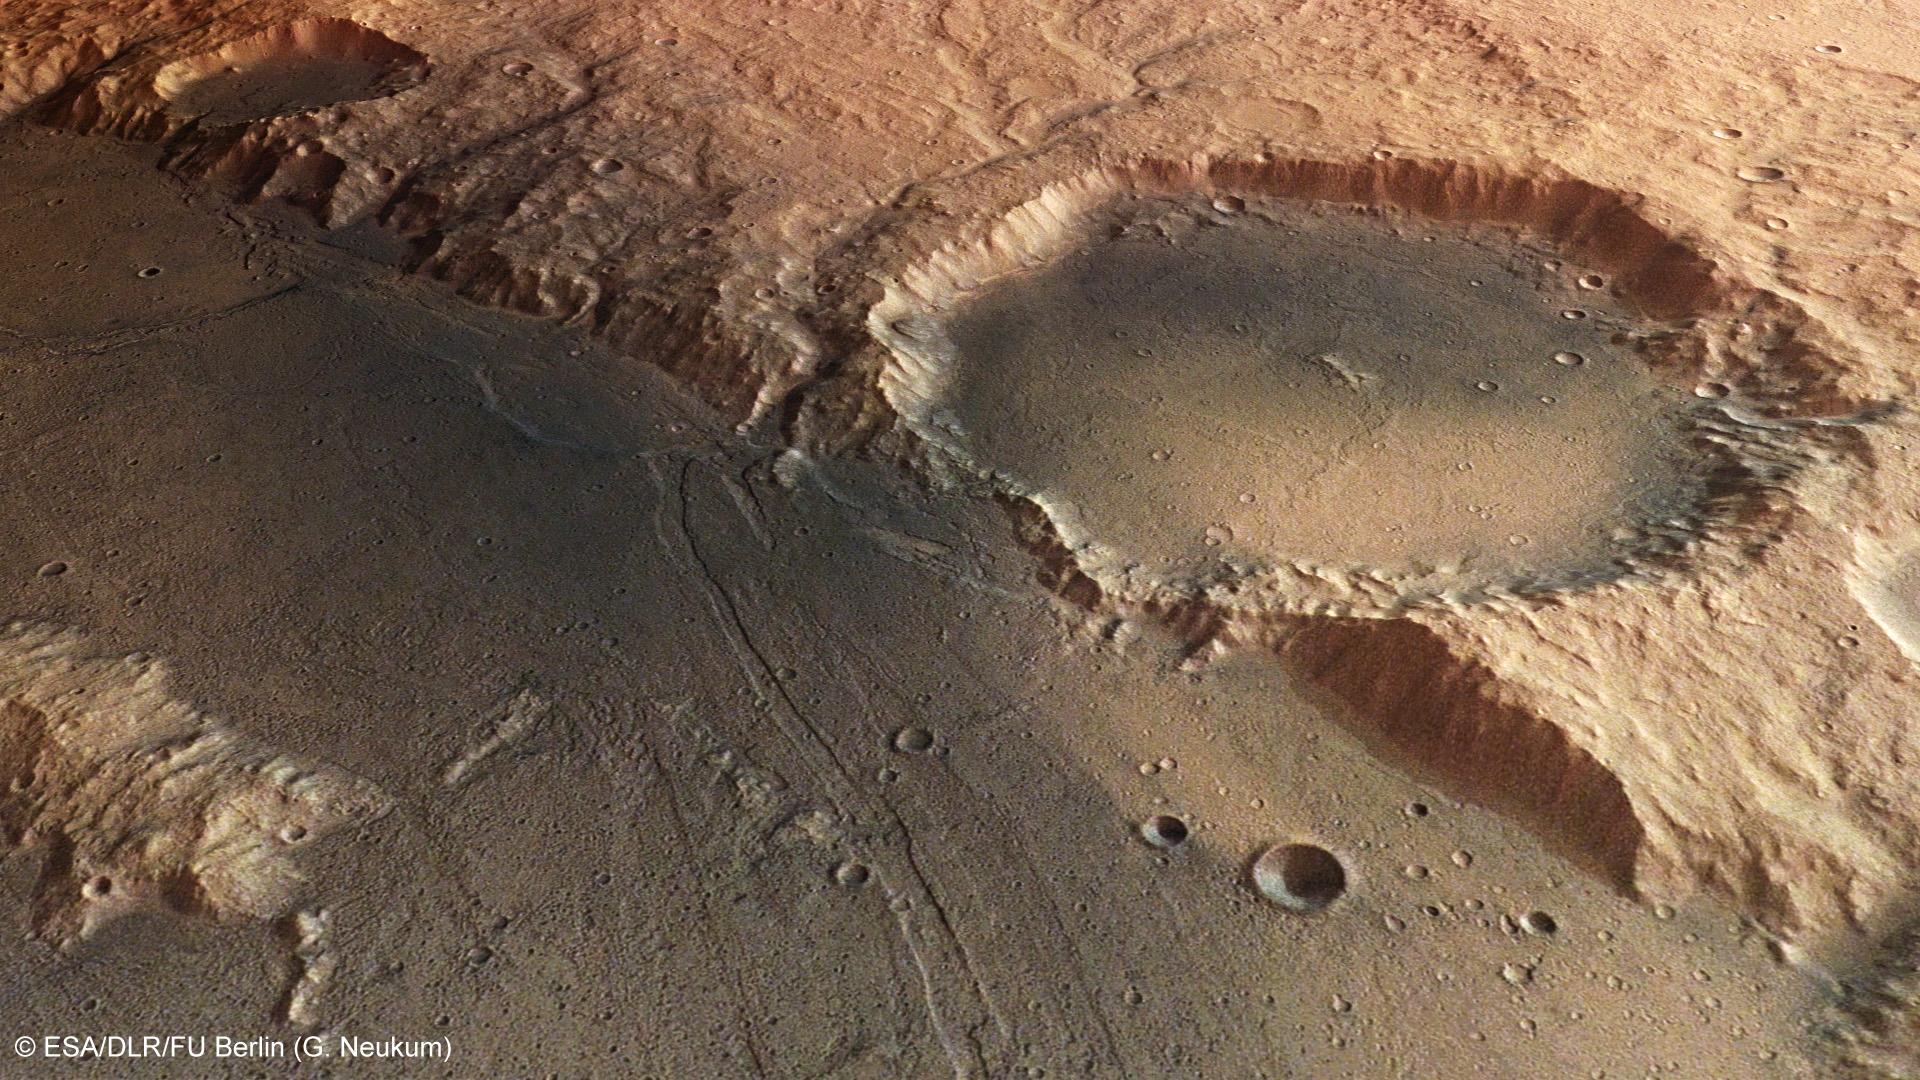 3d Perspective Wallpaper Hrsc Image Series 586 Hesperia Planum Mars Express